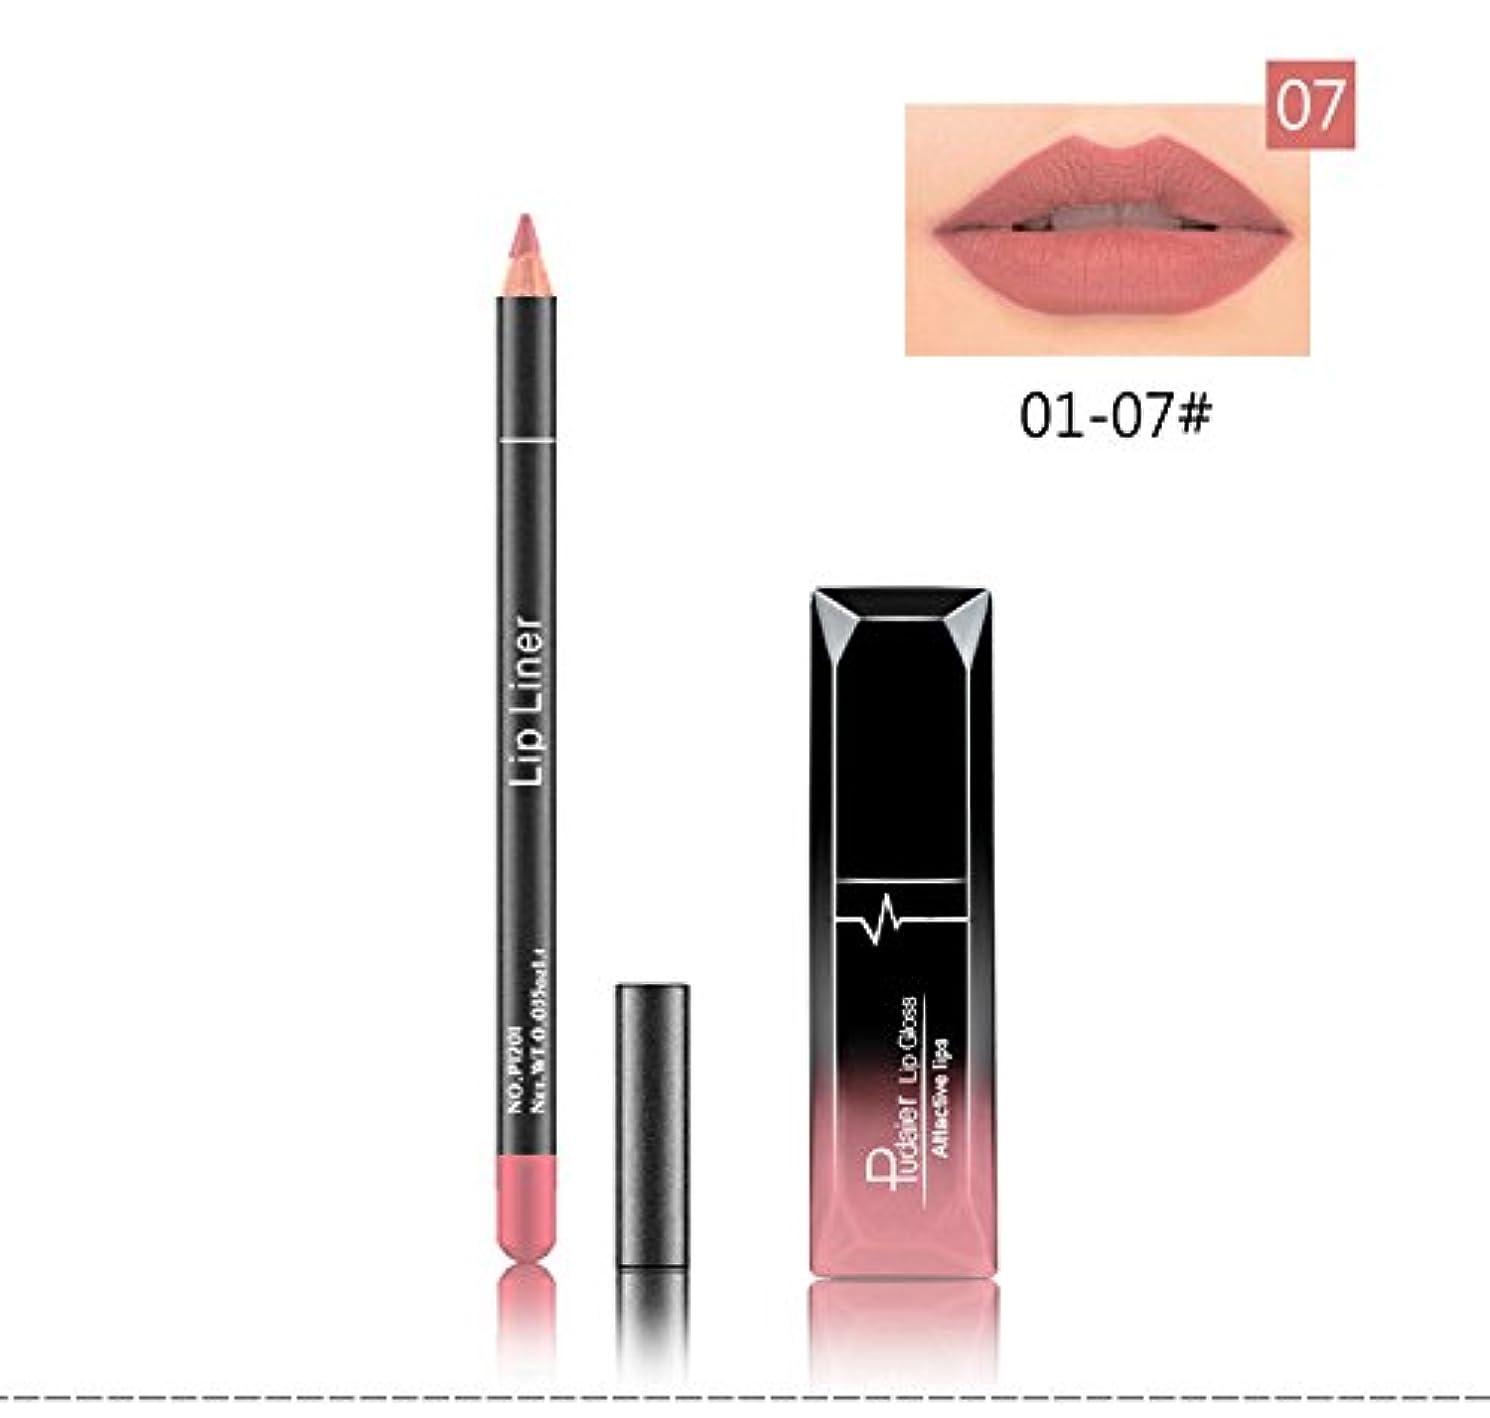 強いますタービン航海の(07) Pudaier 1pc Matte Liquid Lipstick Cosmetic Lip Kit+ 1 Pc Nude Lip Liner Pencil MakeUp Set Waterproof Long...